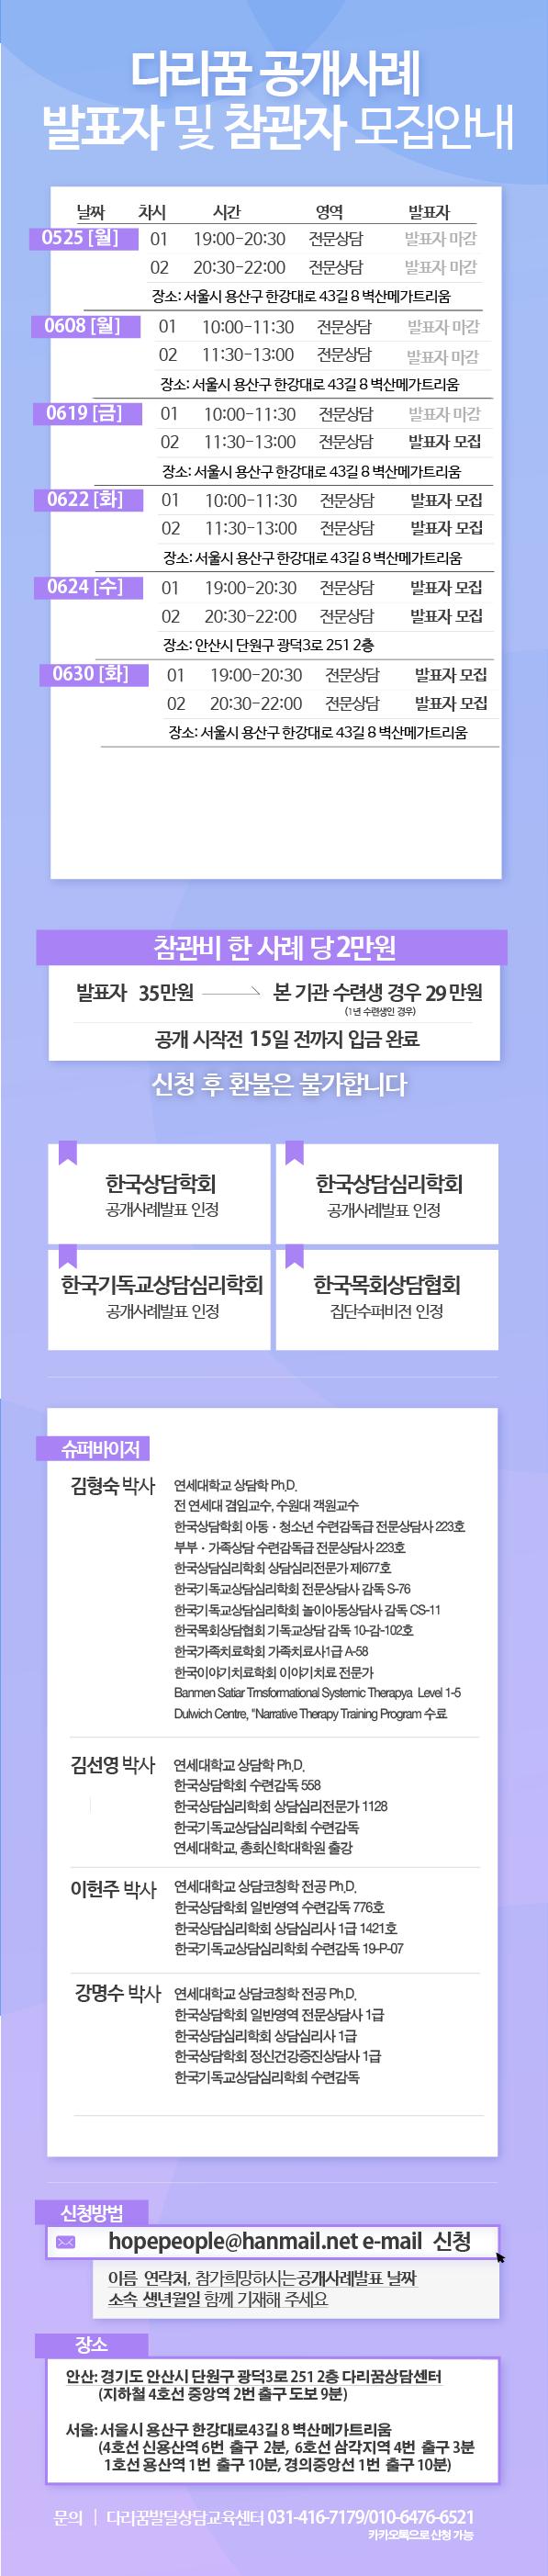 공개.png